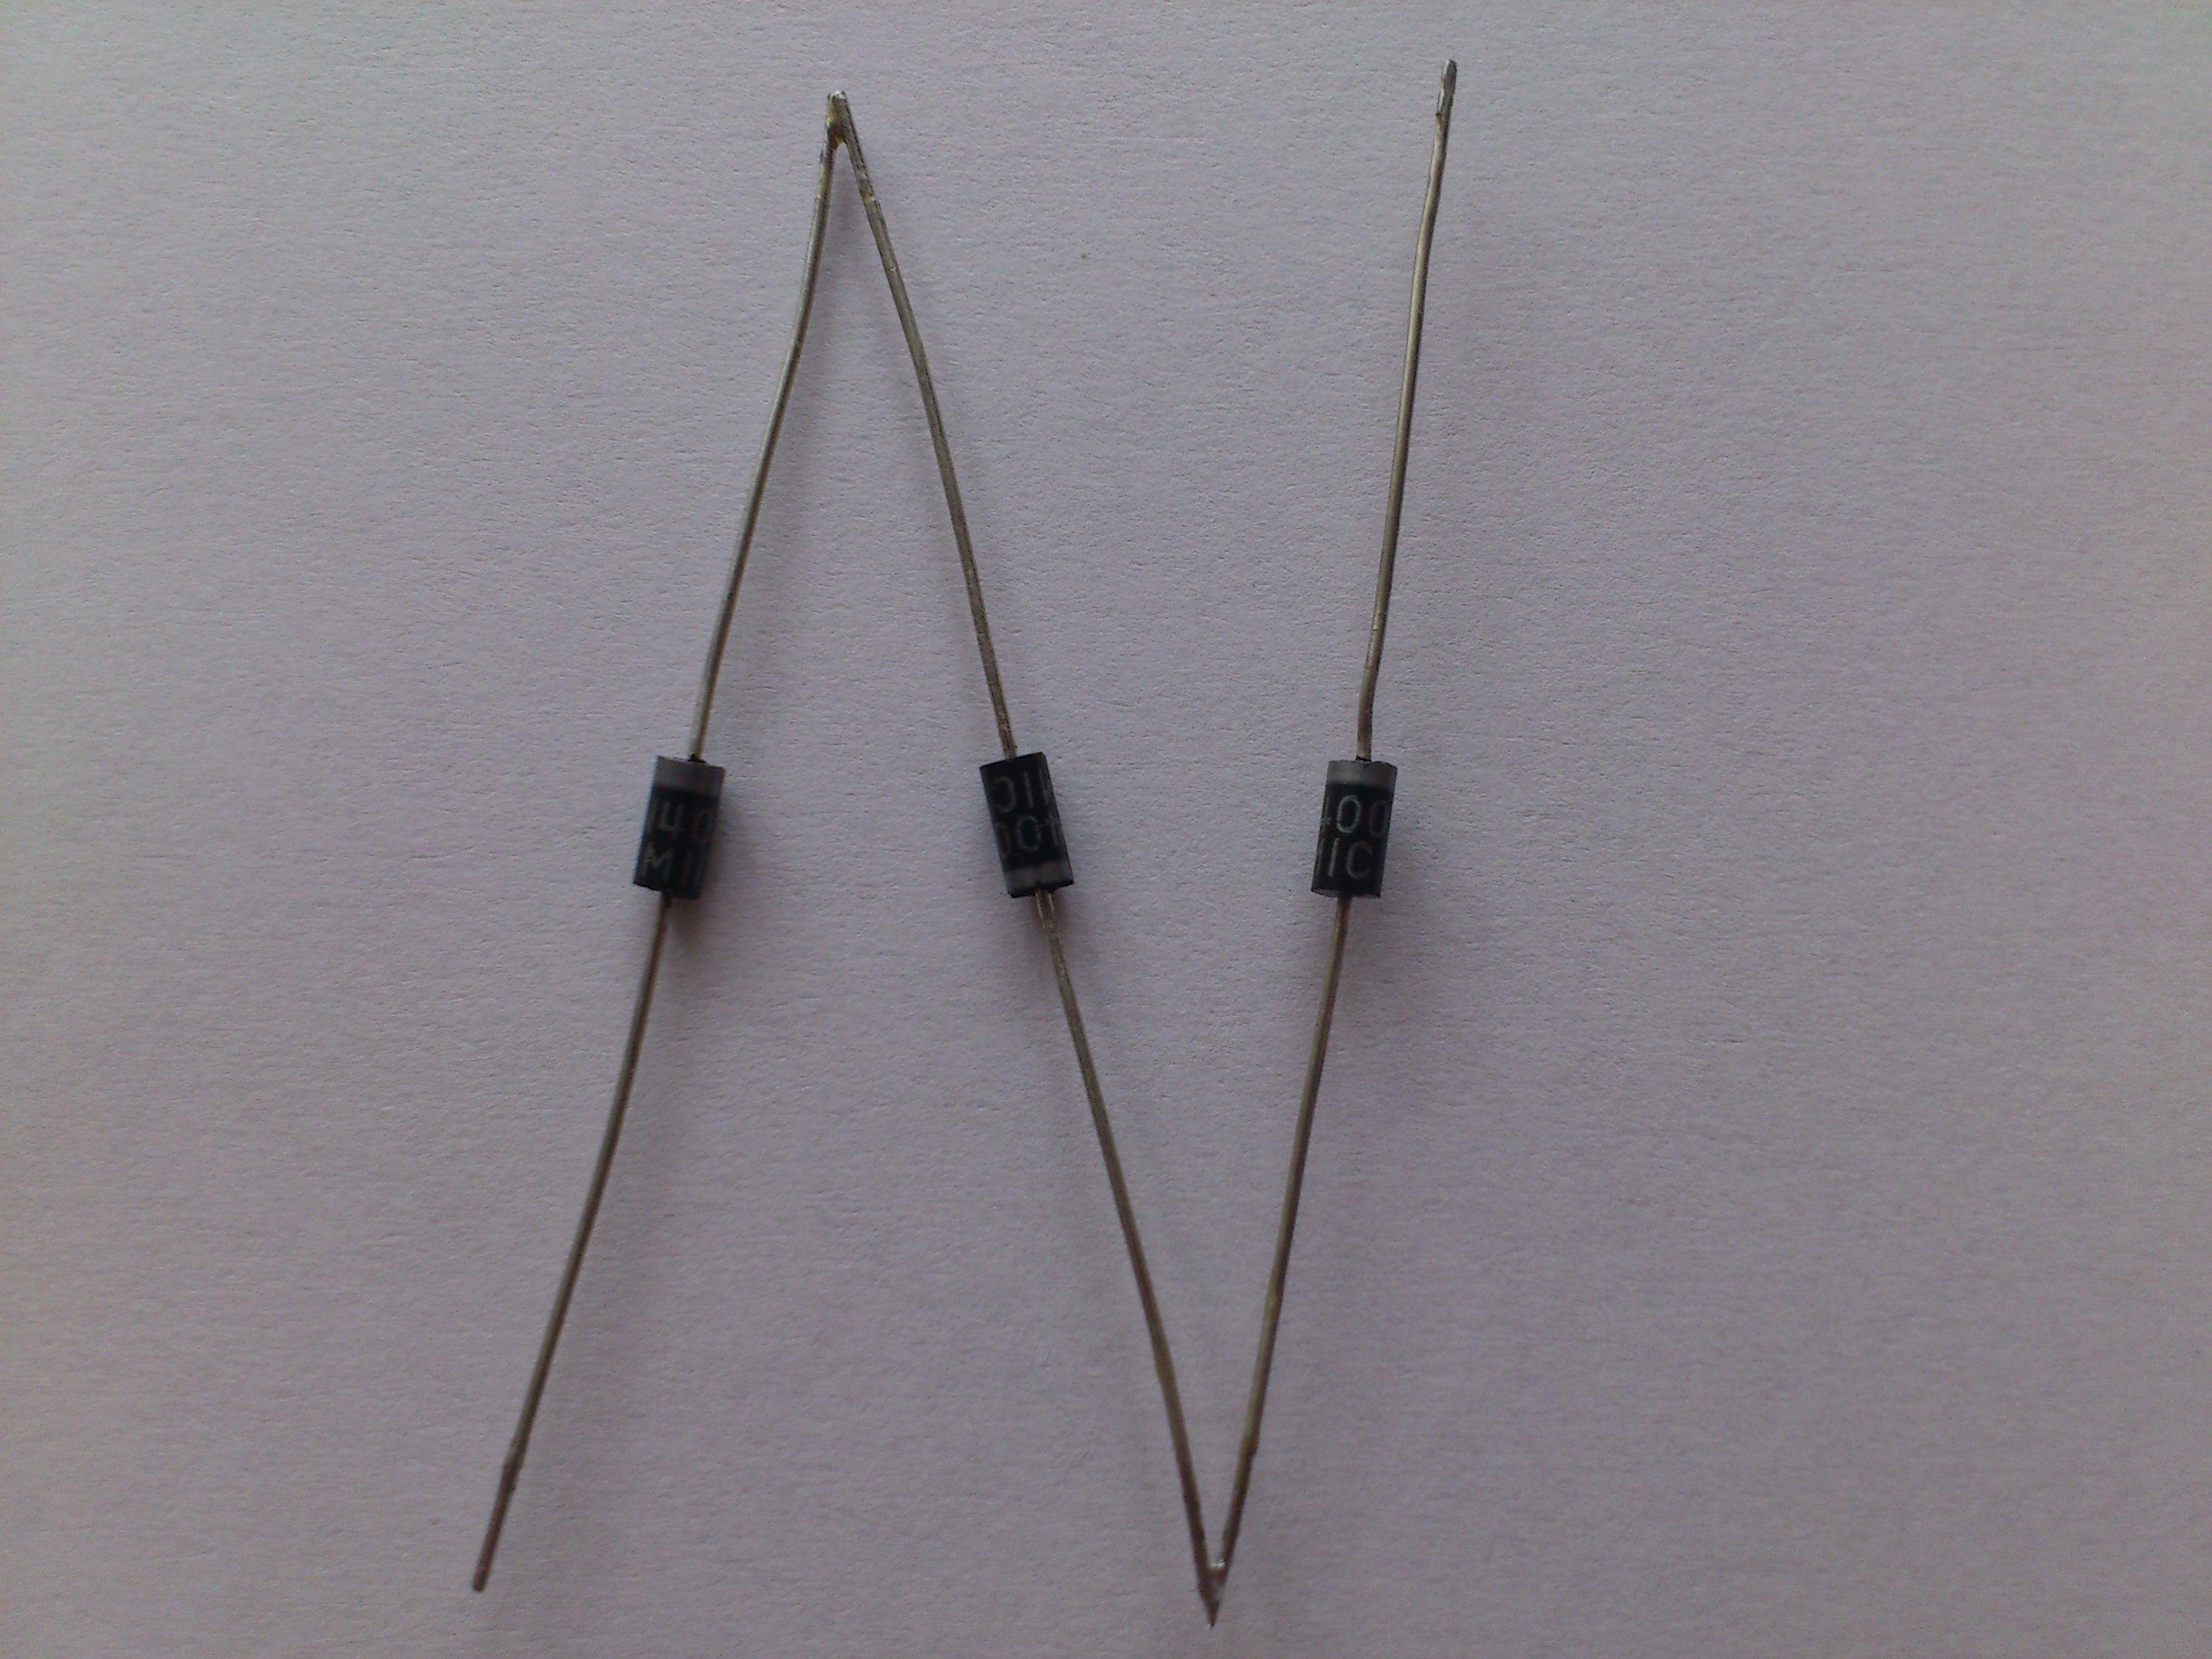 Nagrzewanie diod po��czonych szeregowo